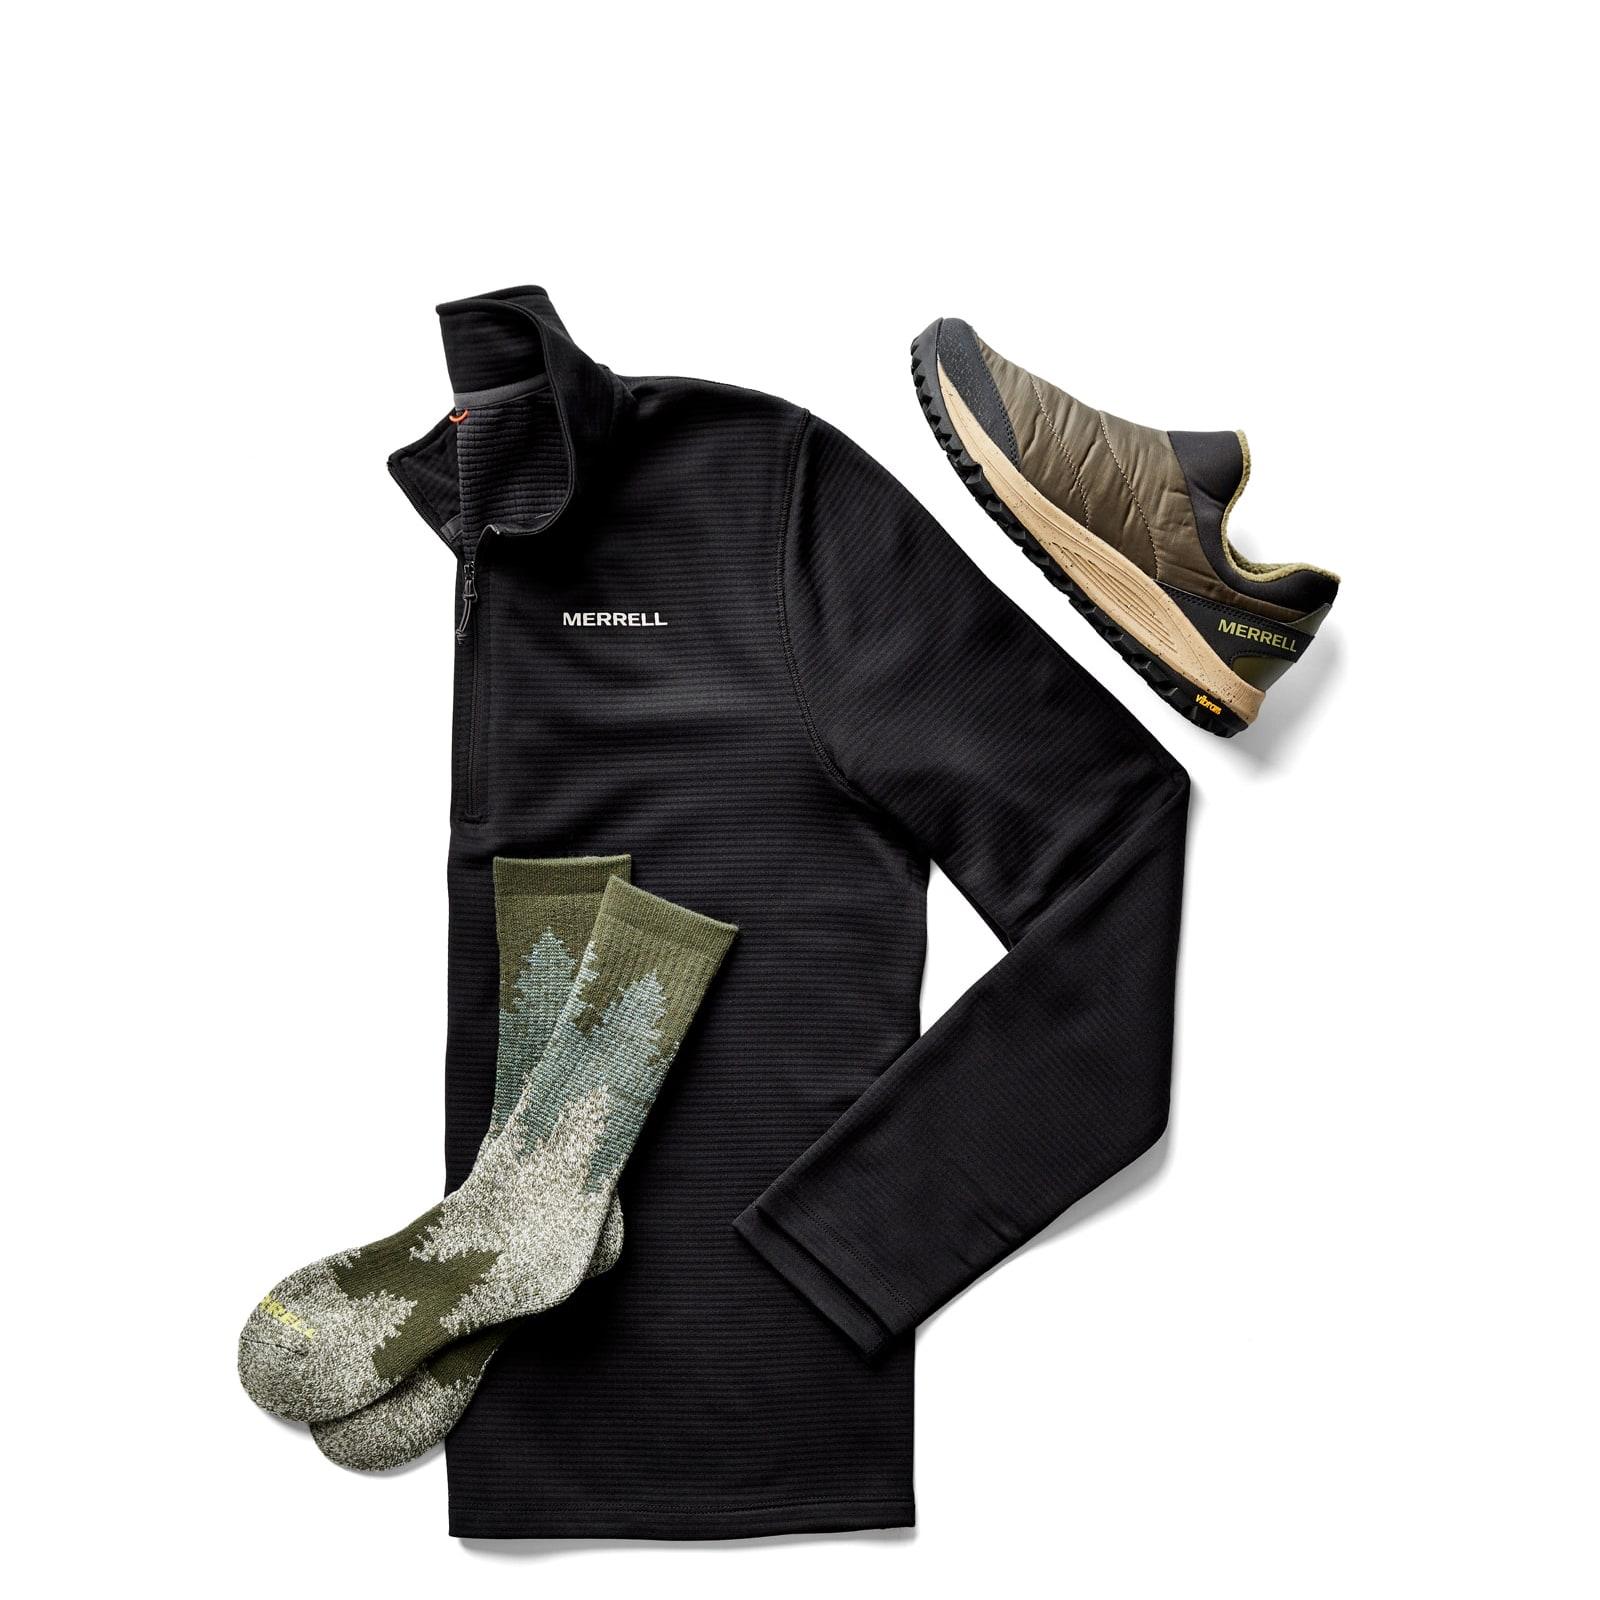 Merrell sneaker moc, pullover, and socks.